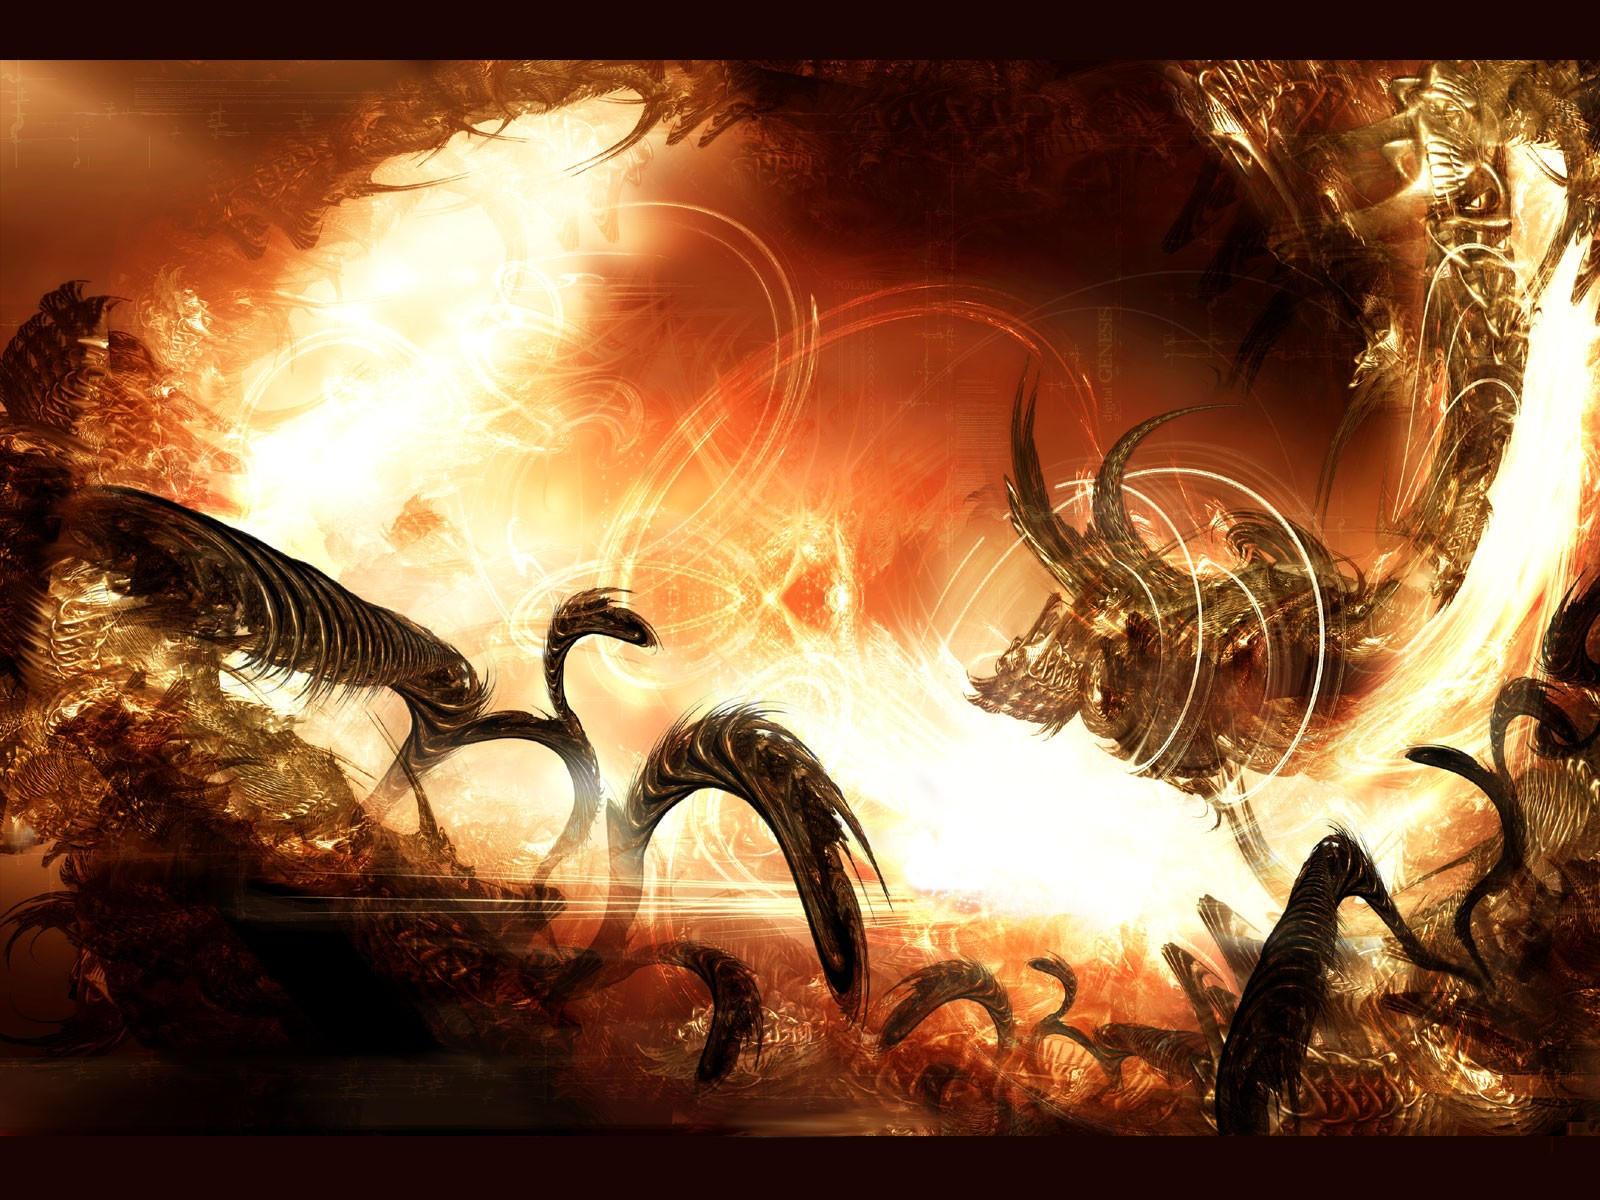 Инферно, пылающие языки пламени